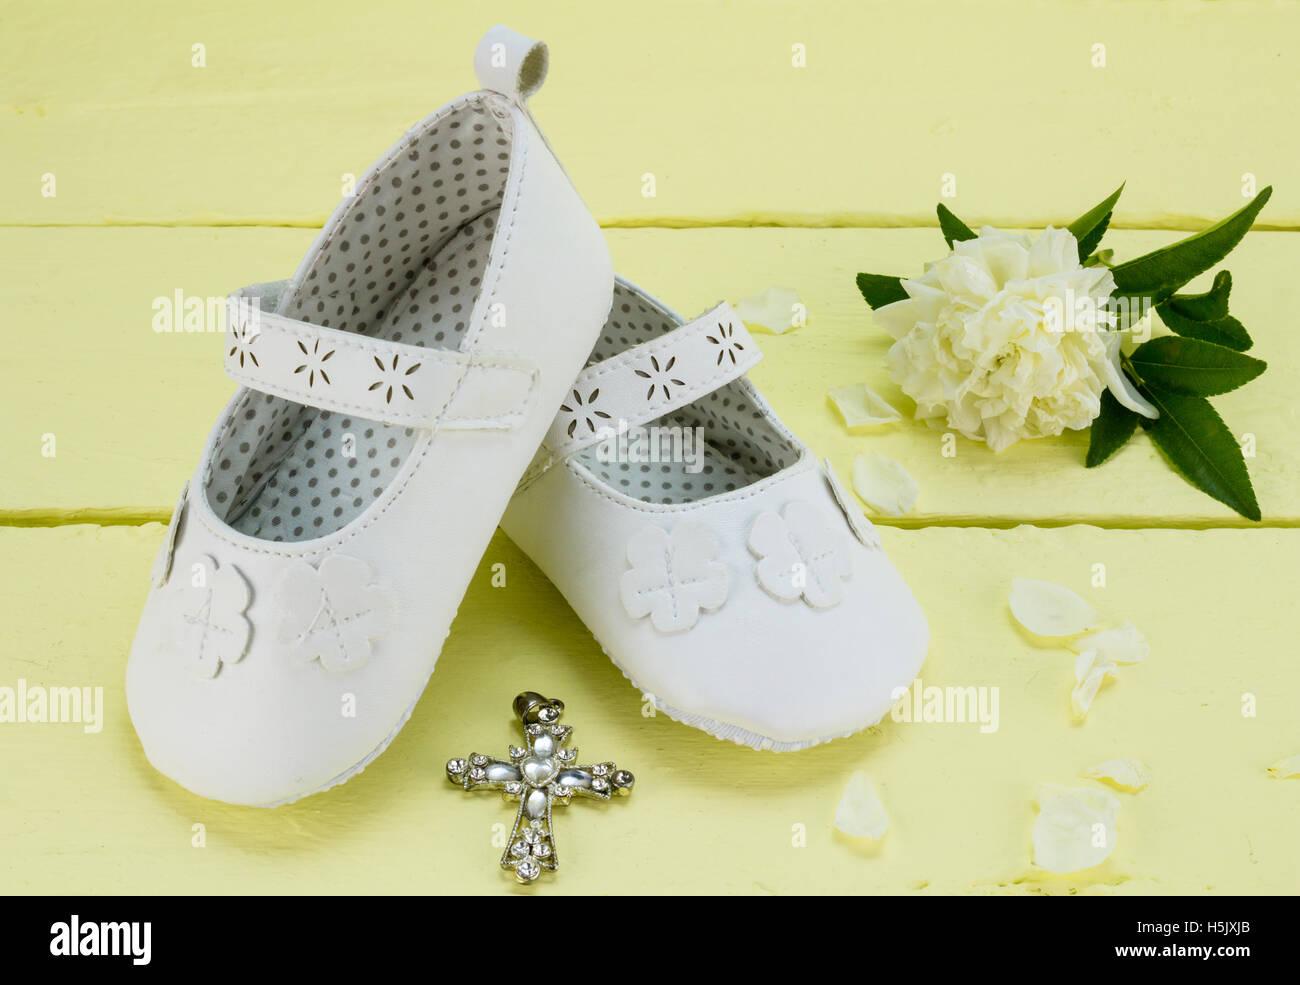 Taufe Hintergrund Weiße Babyschuhe Und Kristall Anhänger